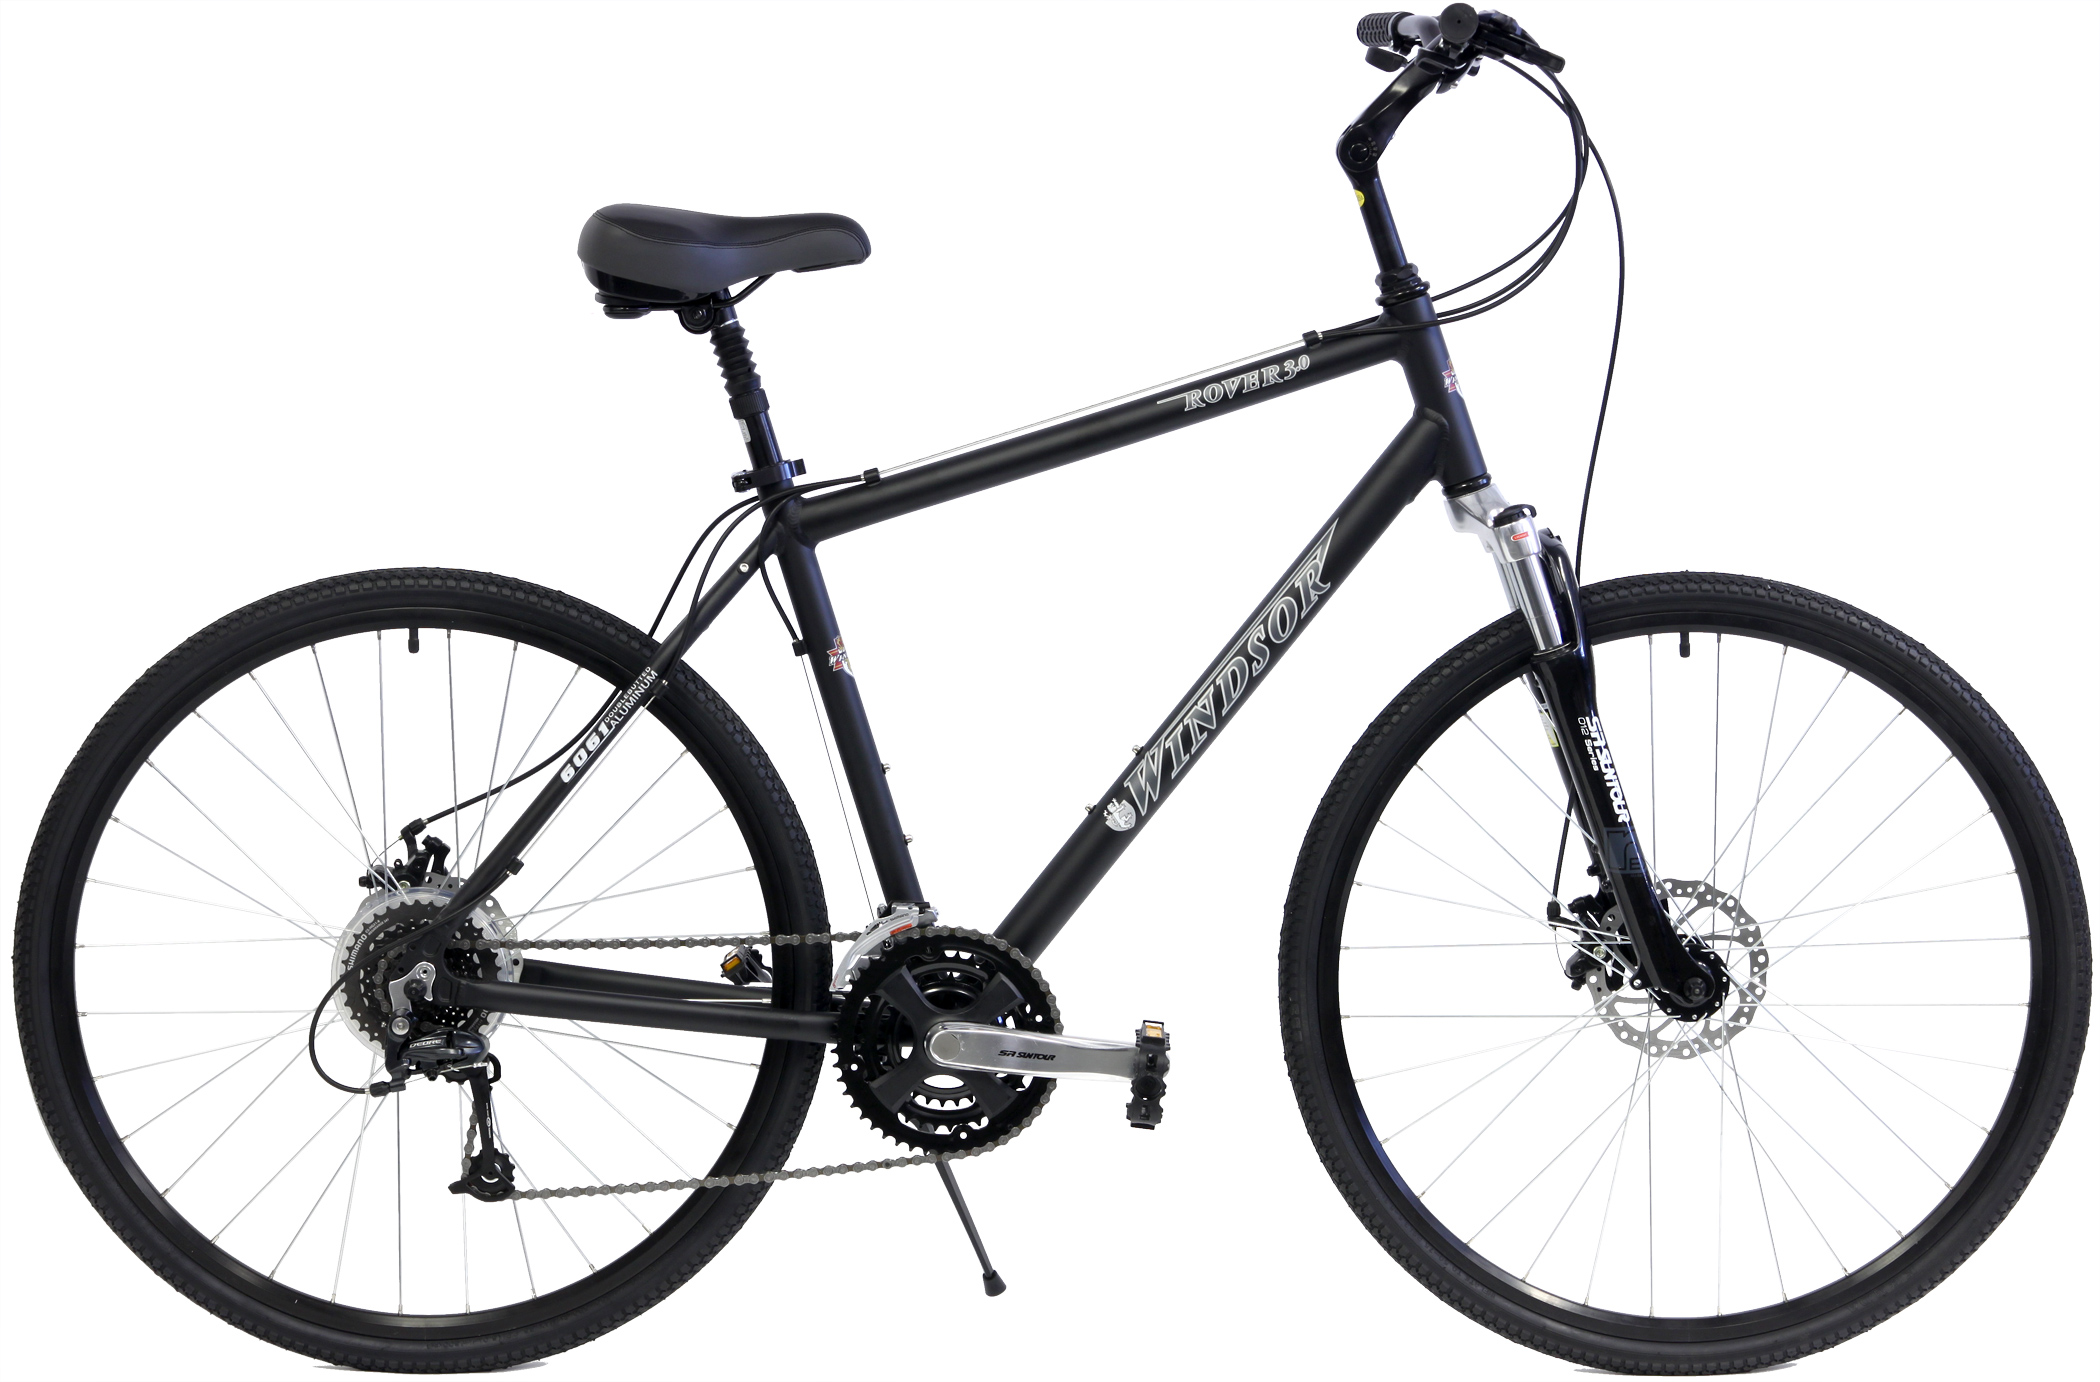 Lifestyle Bikes